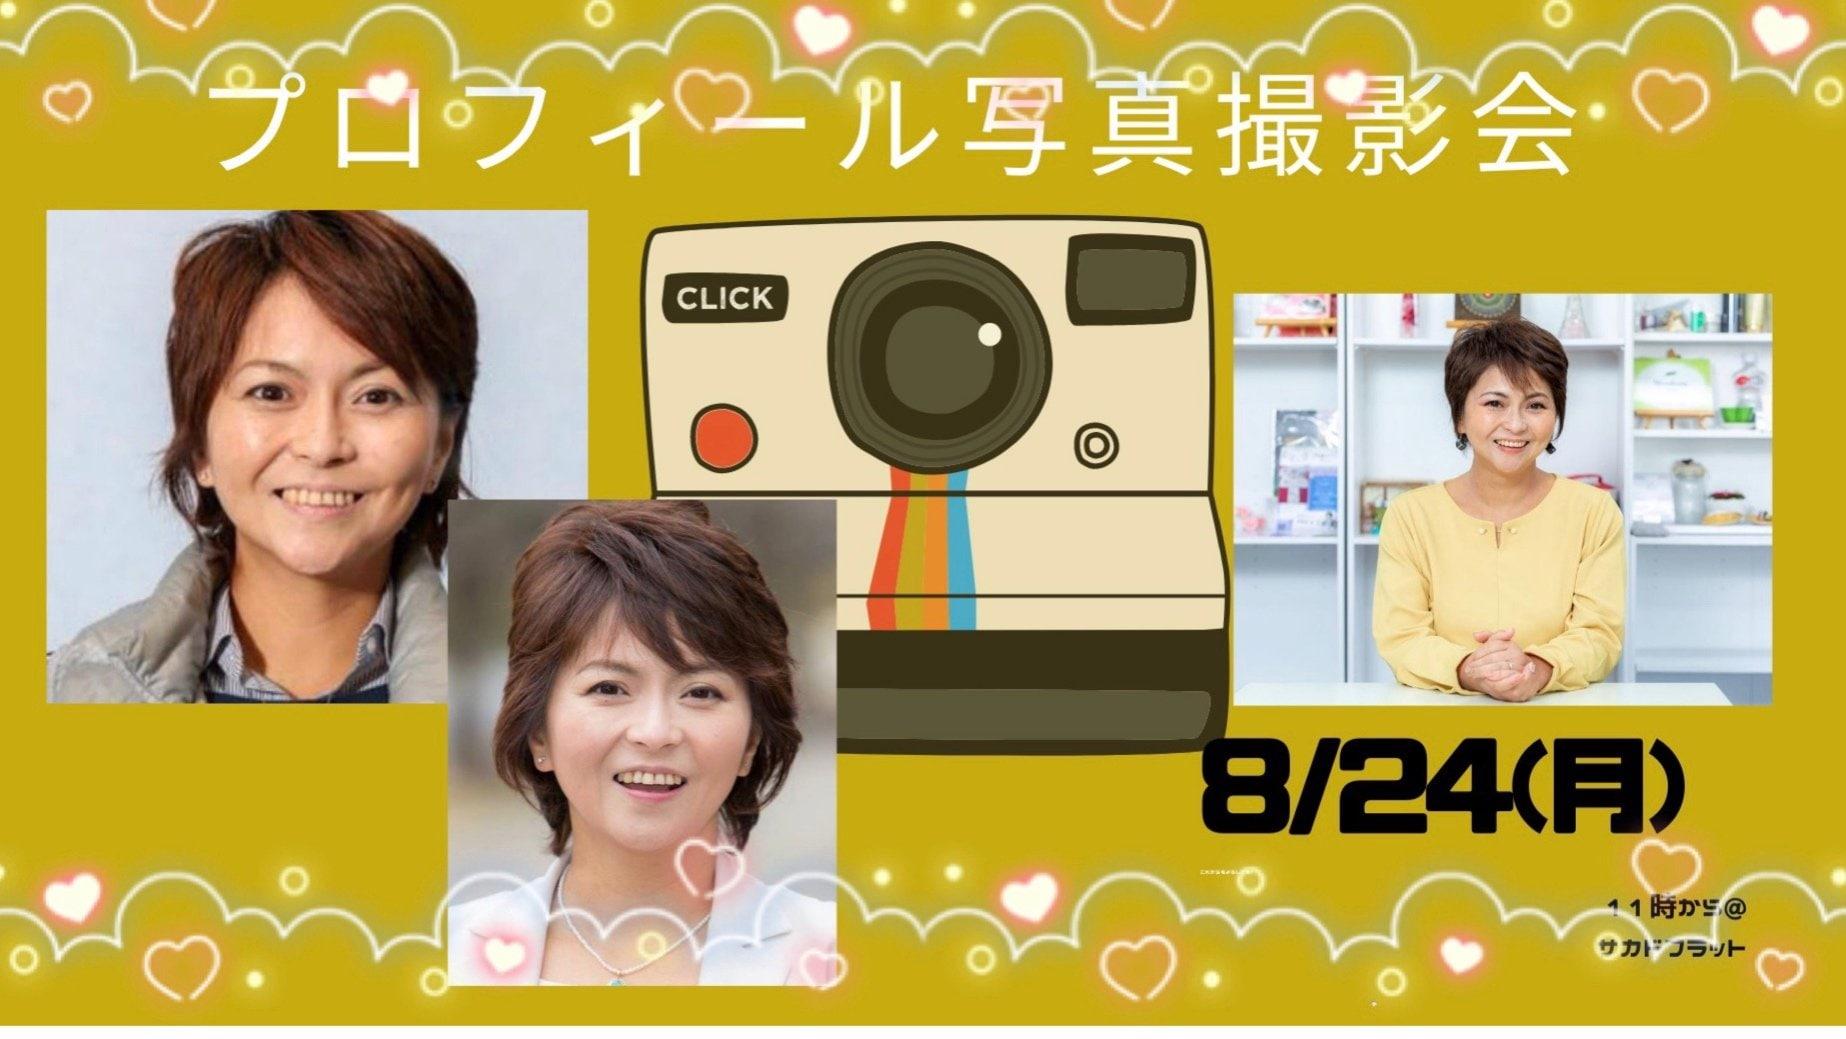 夏のプロフィール写真撮影会を開催いたします!@坂戸のレンタルスペースサカドフラットのイメージその1